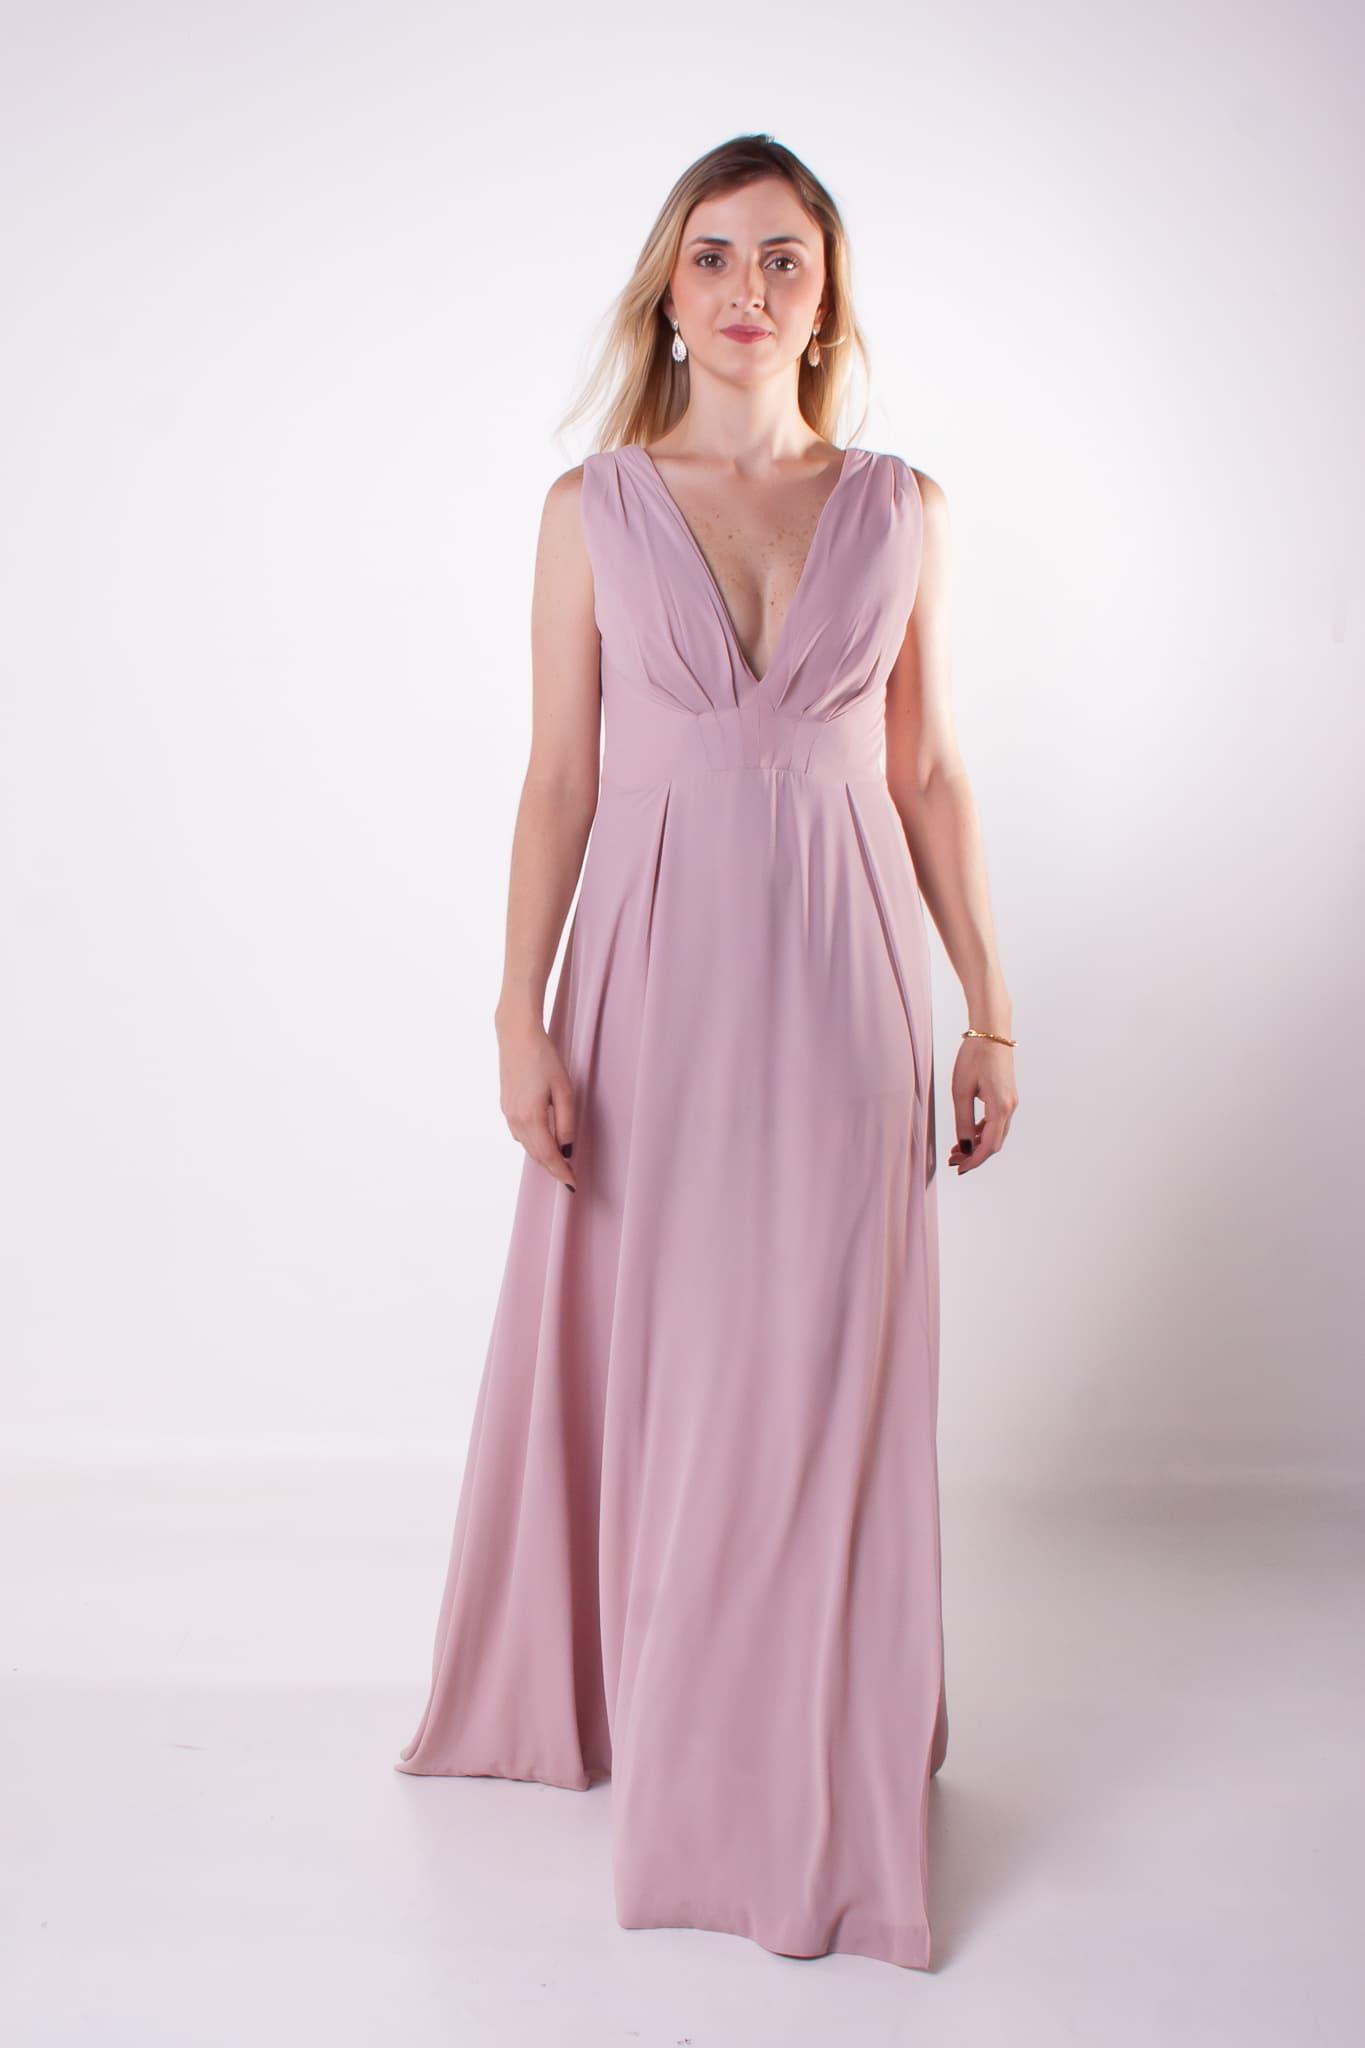 7 - vestido nude fluido